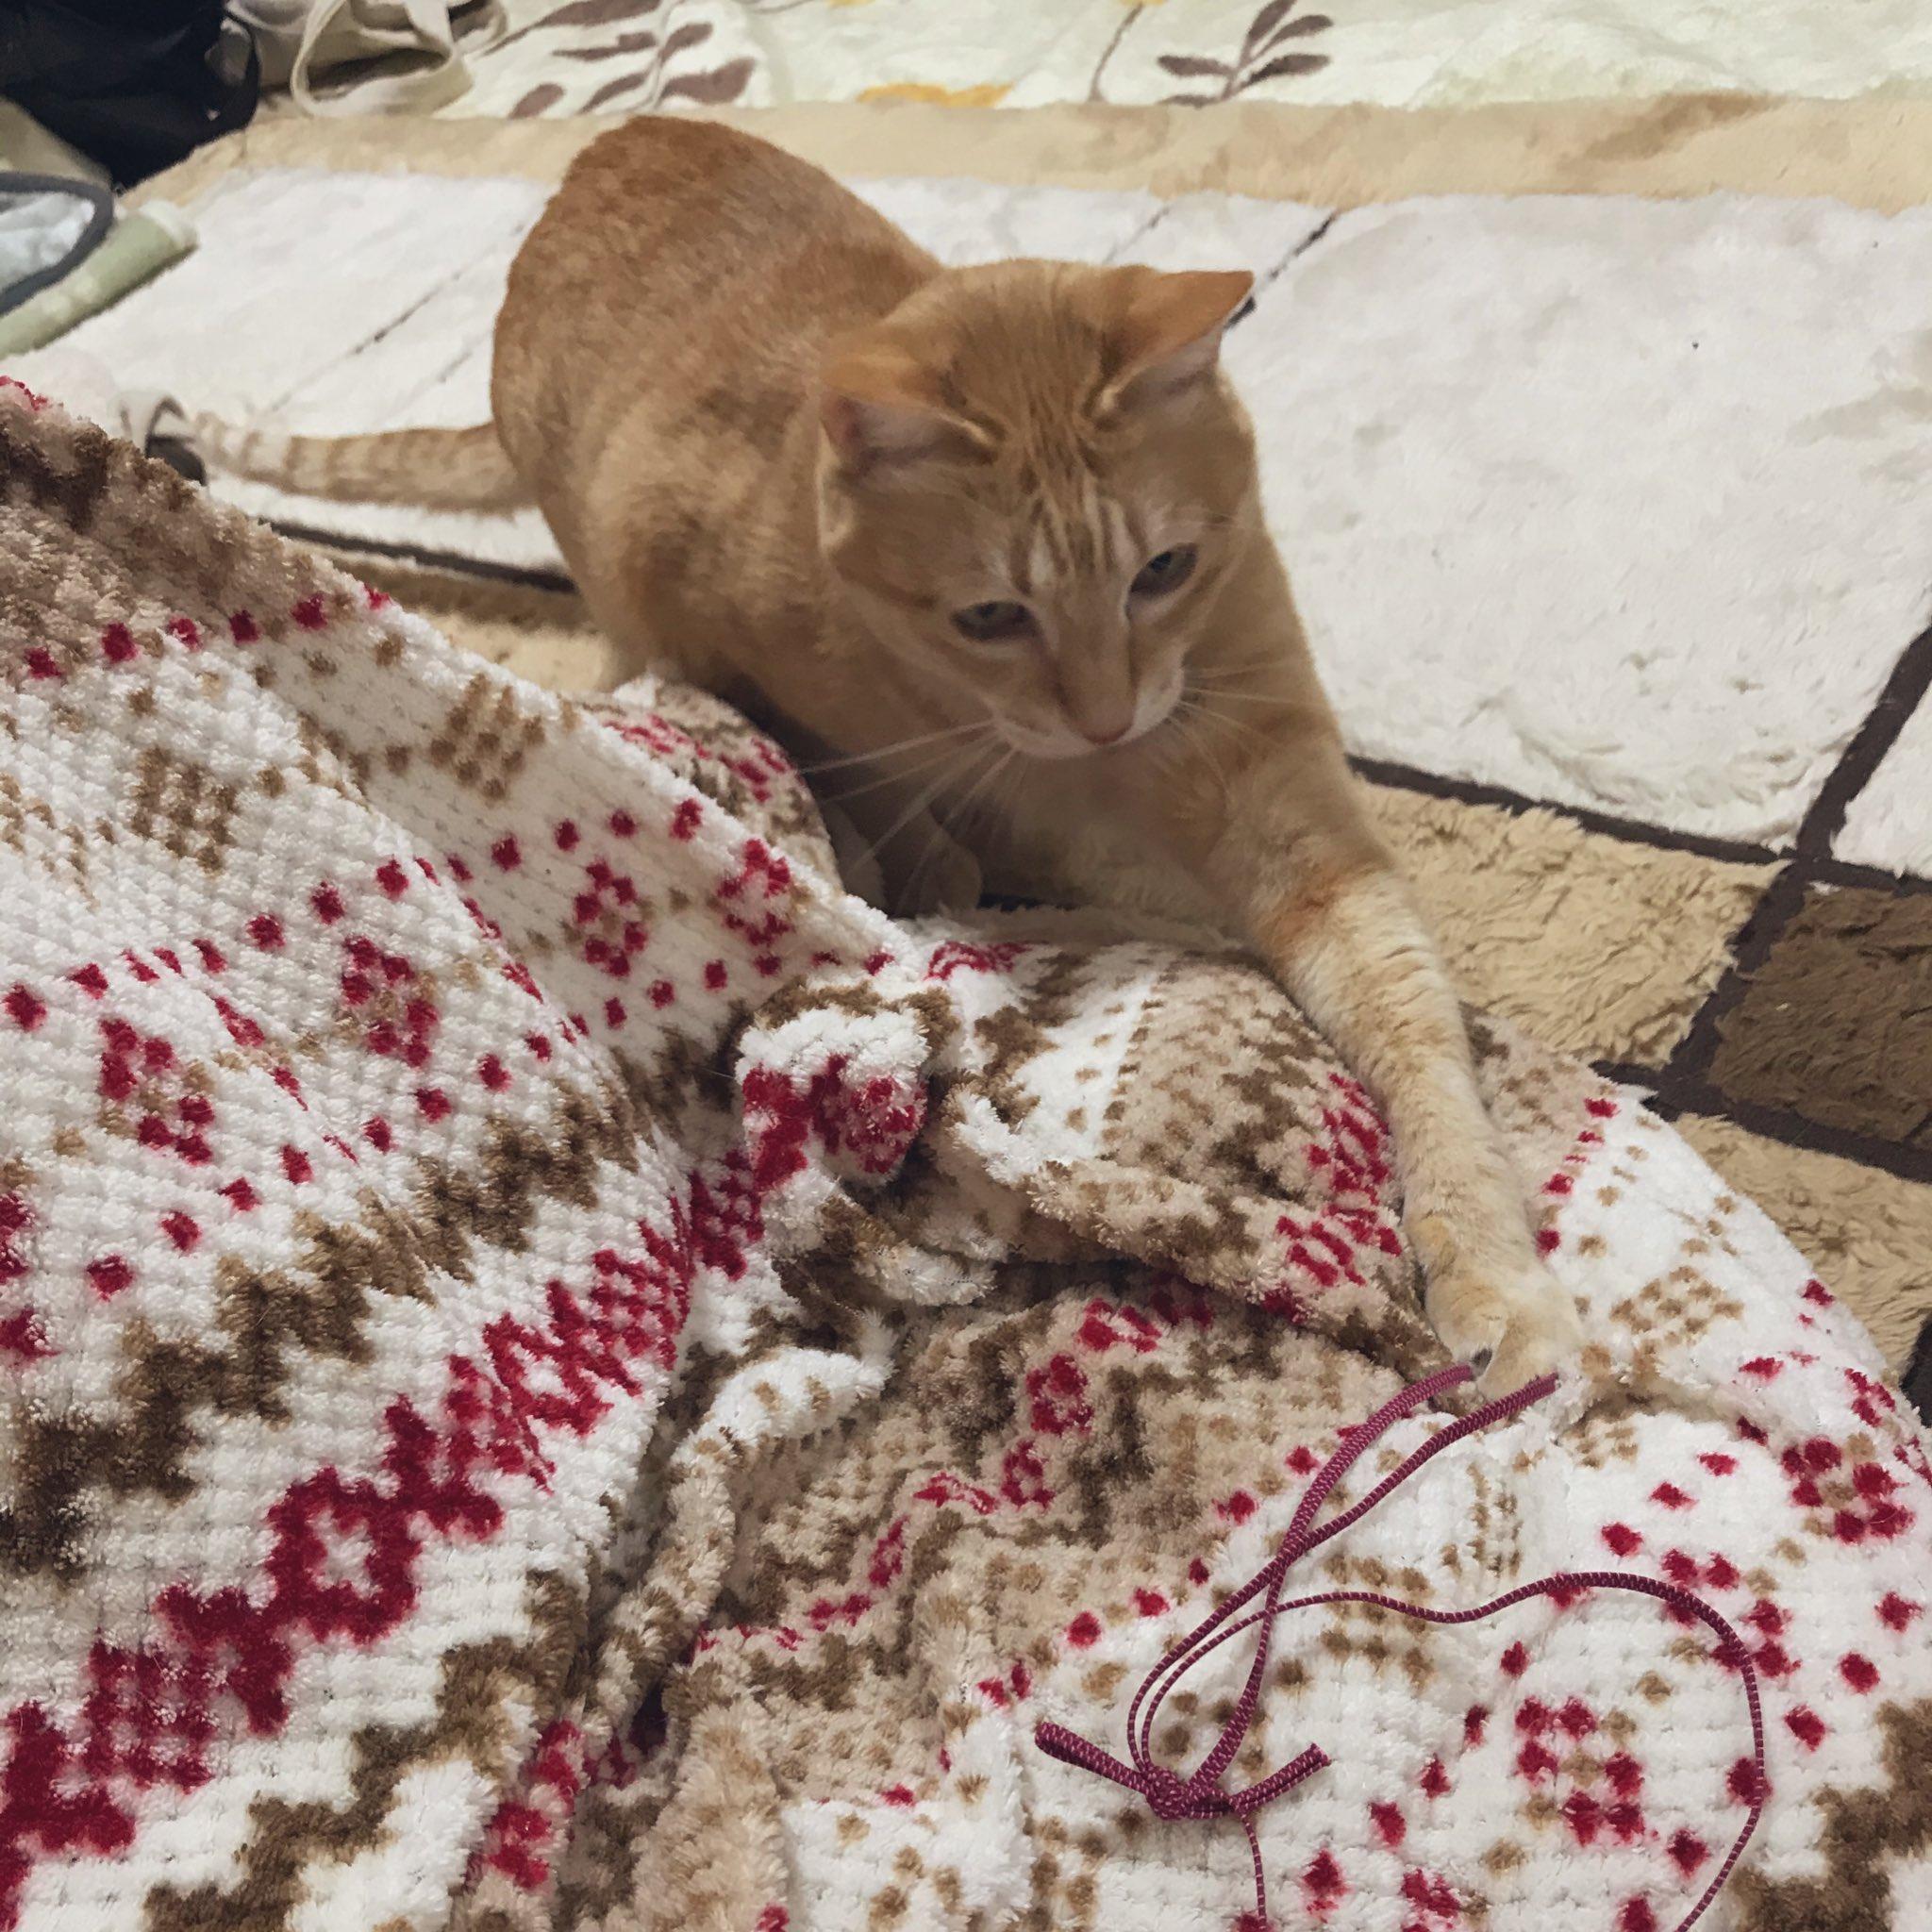 【かわいい】ひたすら癒される画像おはようございます!猫が布団で寝ていますw